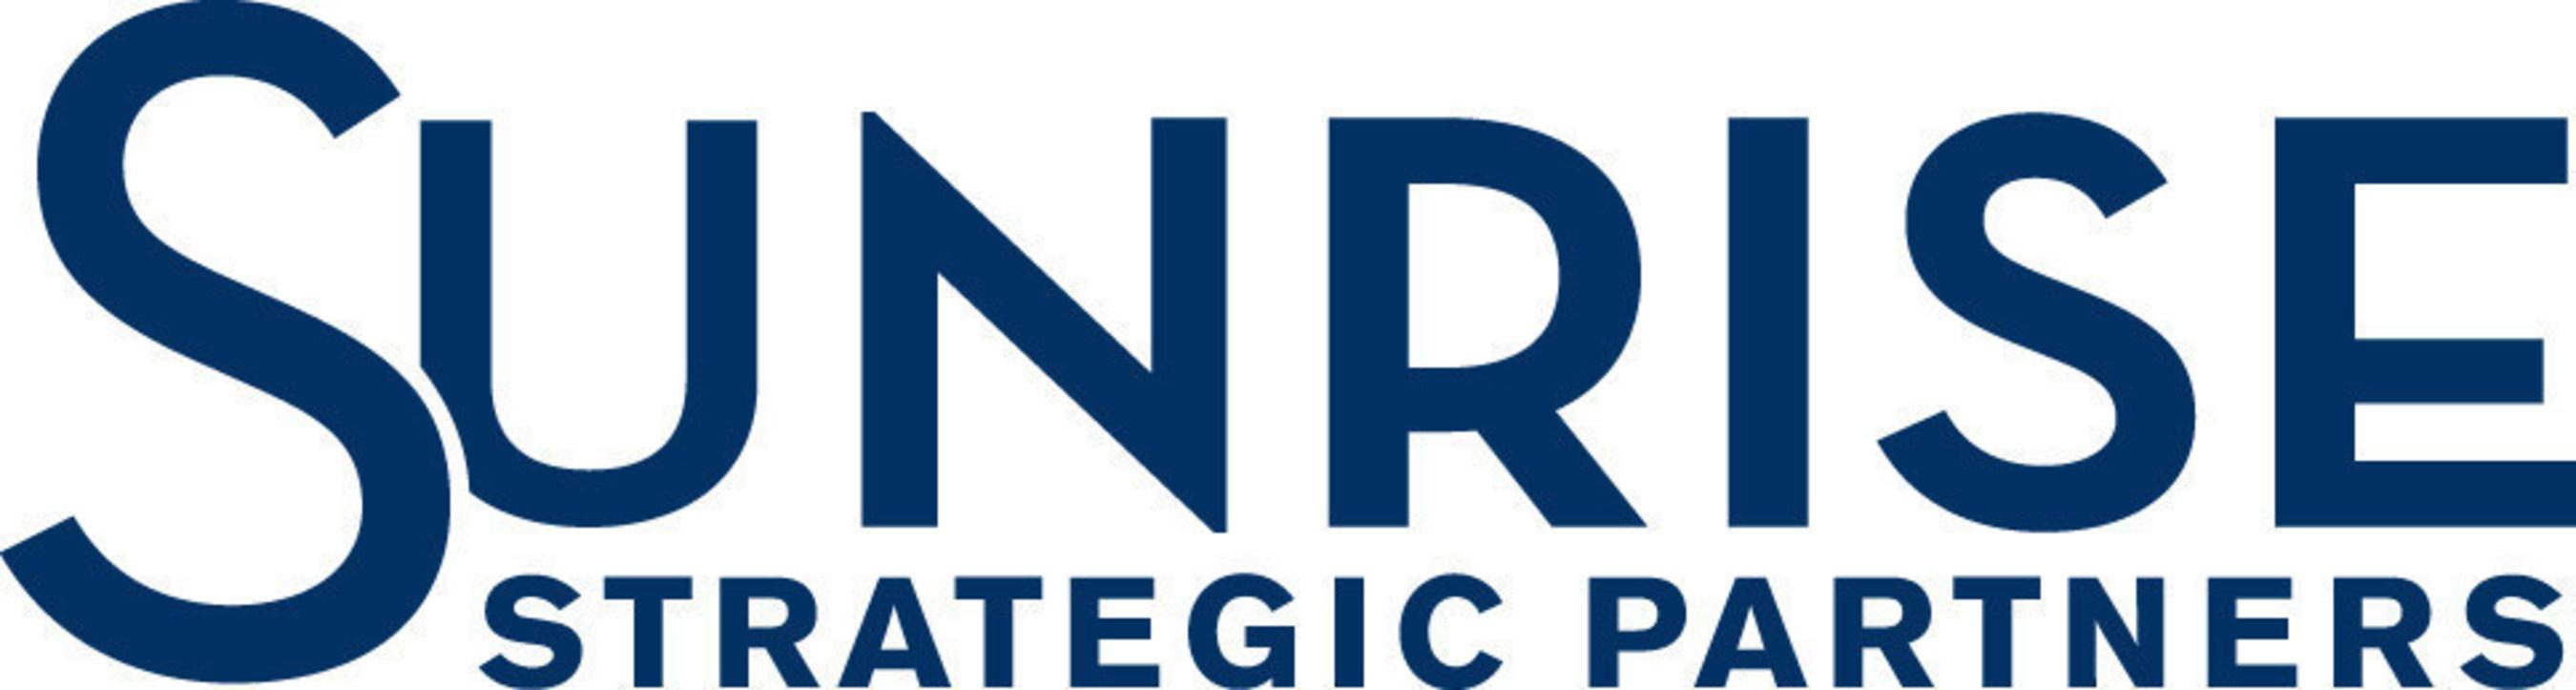 Sunrise Strategic Partners logo